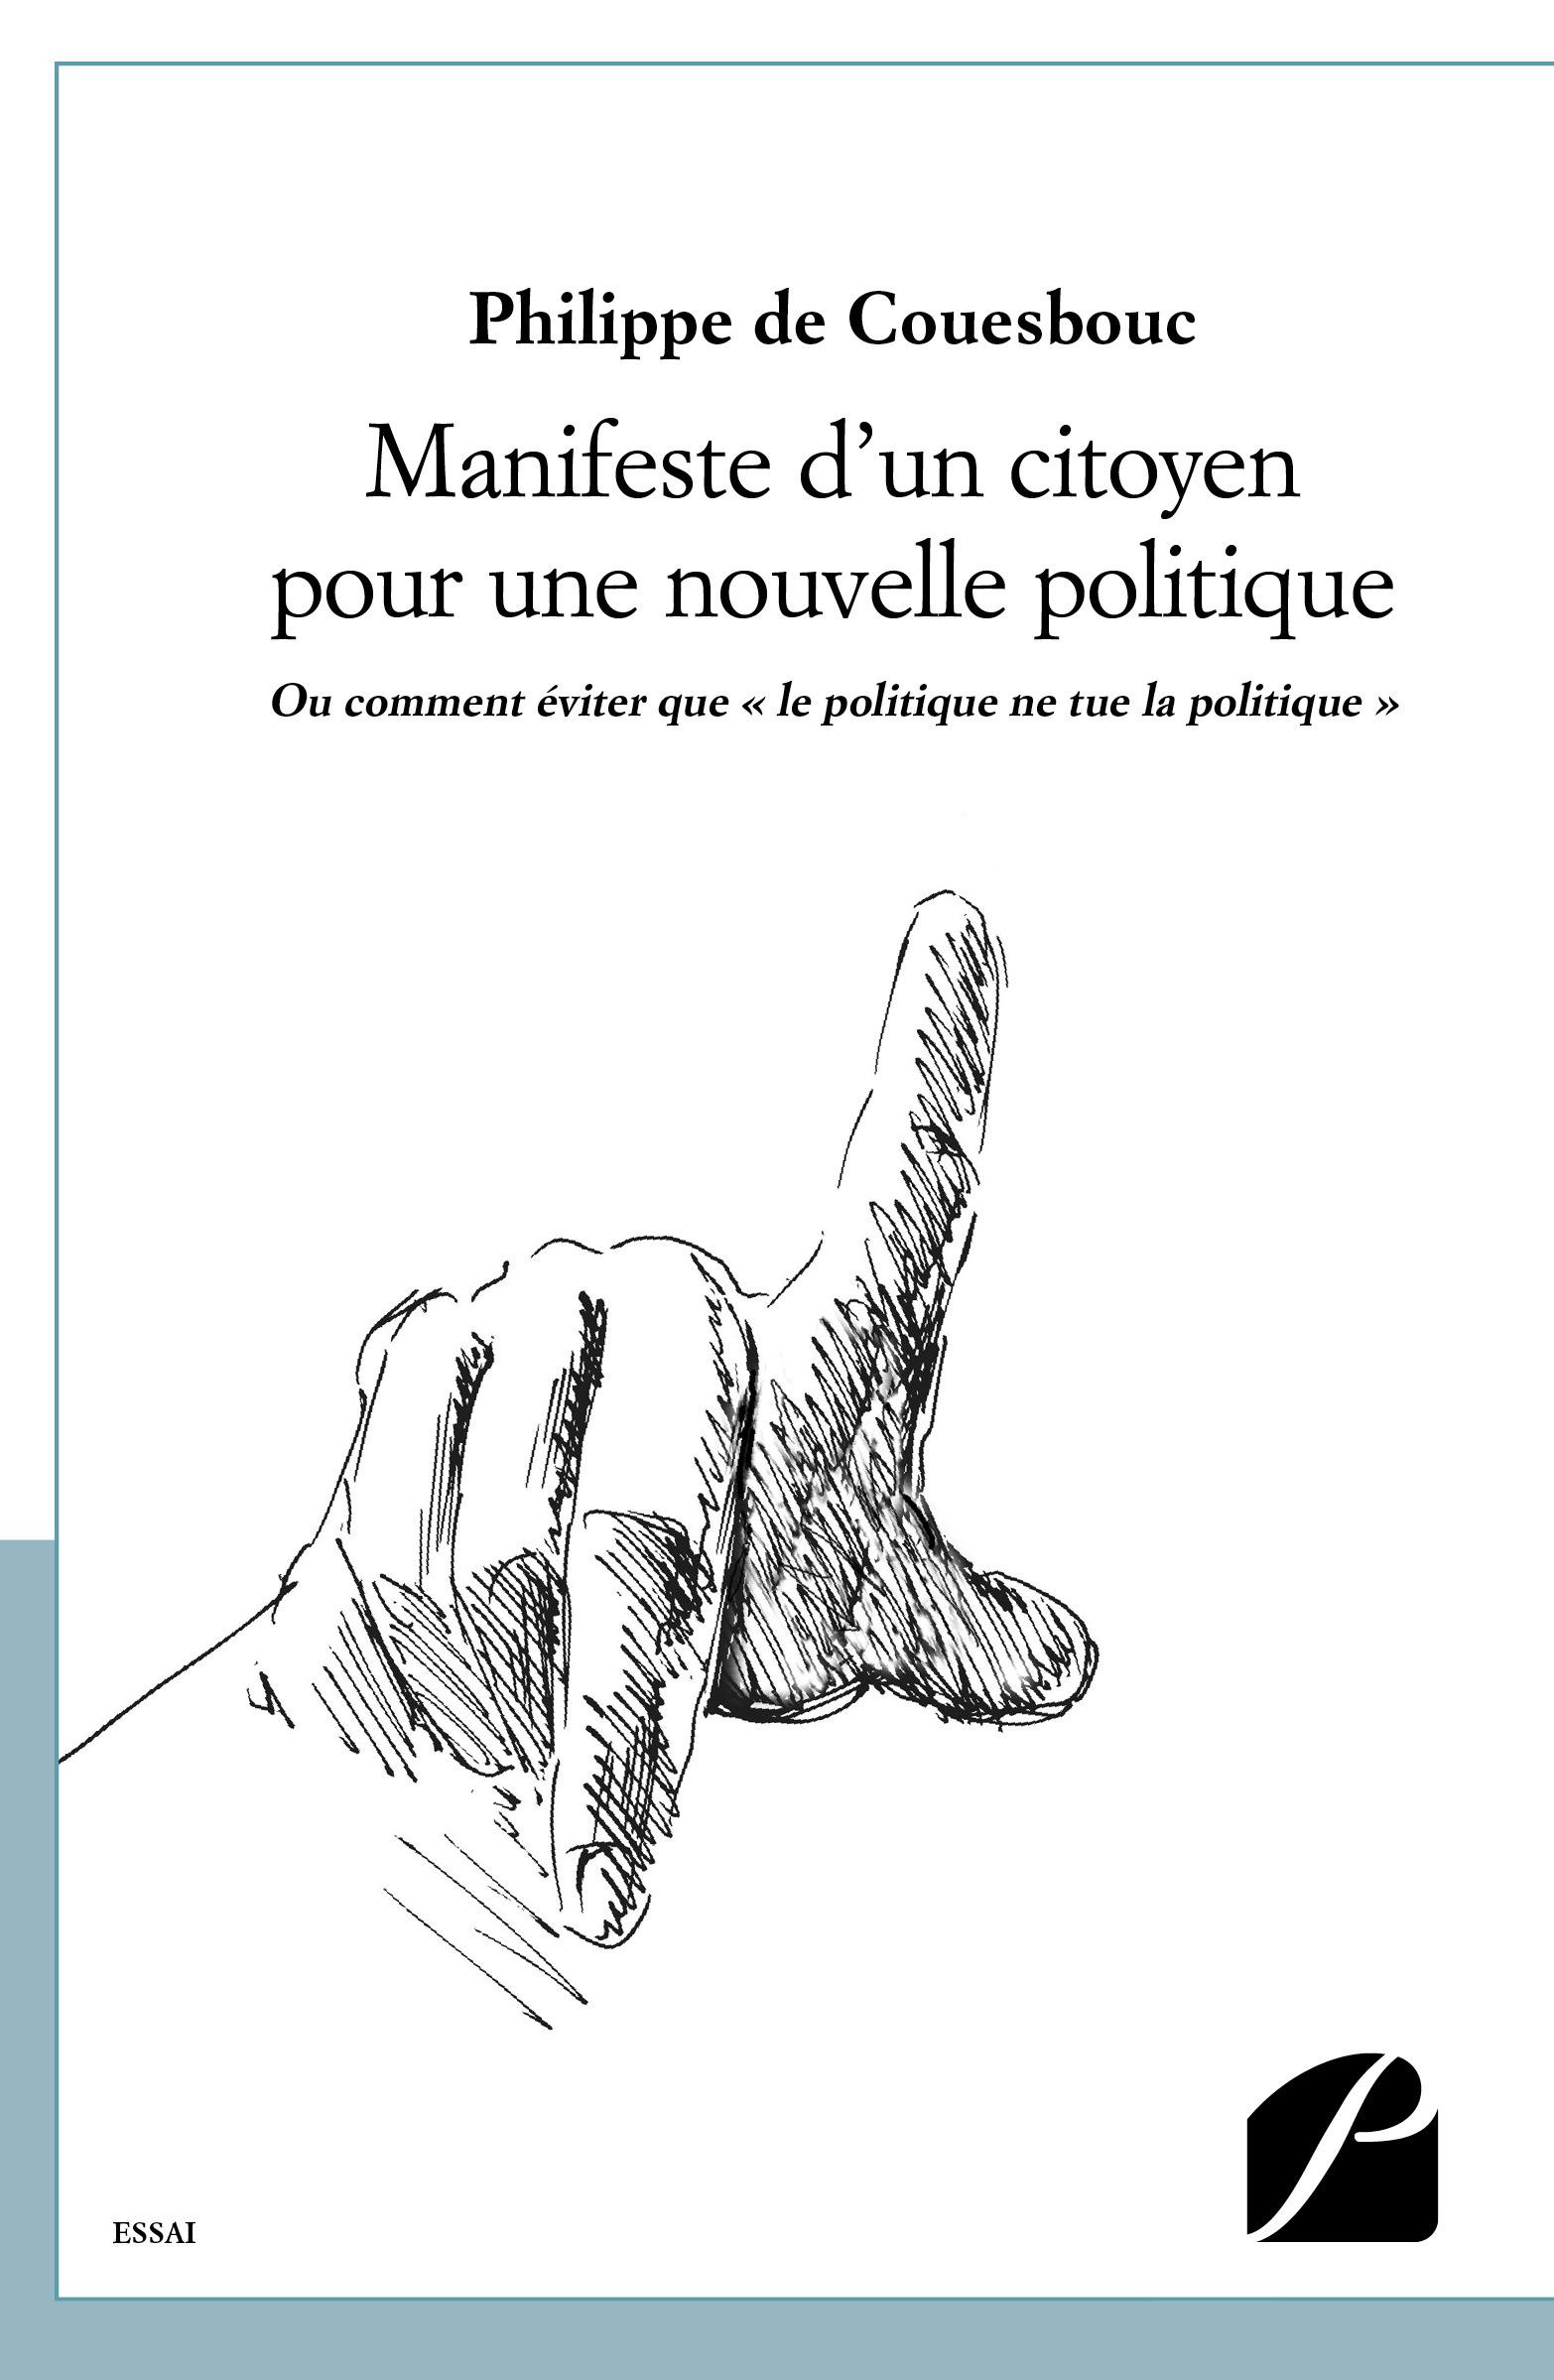 Philippe de Couesbouc Manifeste d'un citoyen pour une nouvelle politique (projet pour 2022)